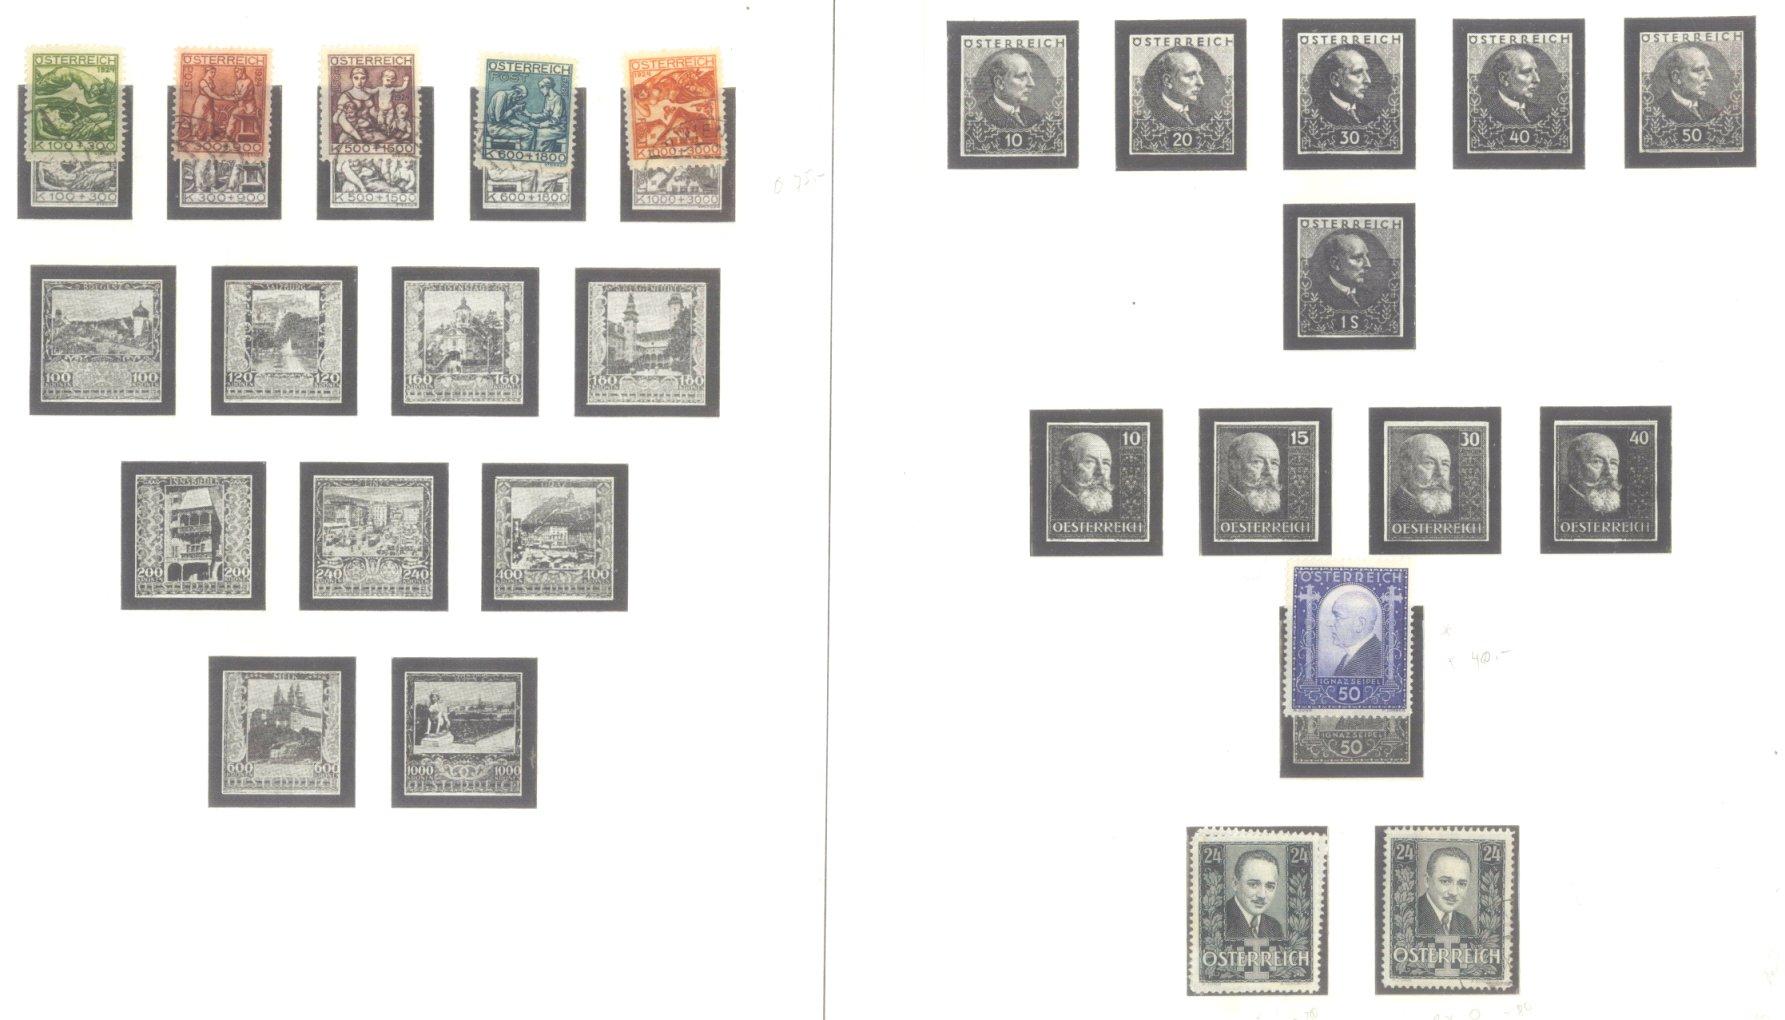 ÖSTERREICH 1850-1937-11